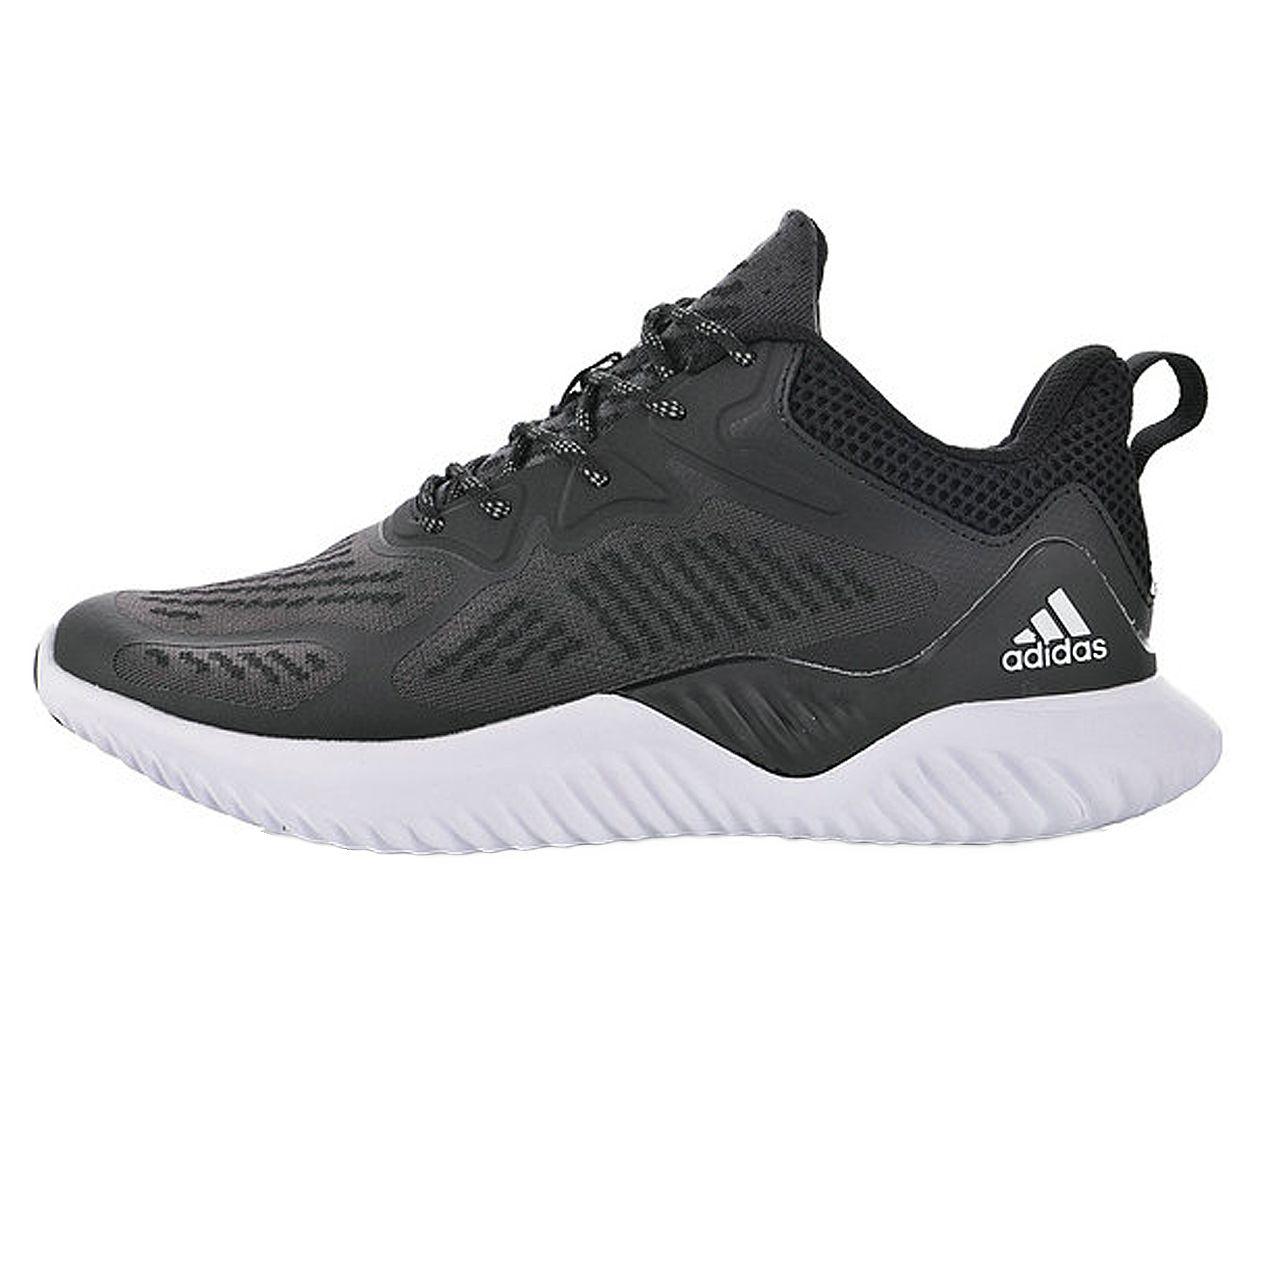 کفش پیاده روی زنانه آدیداس مدل 3OC3 کد 678901